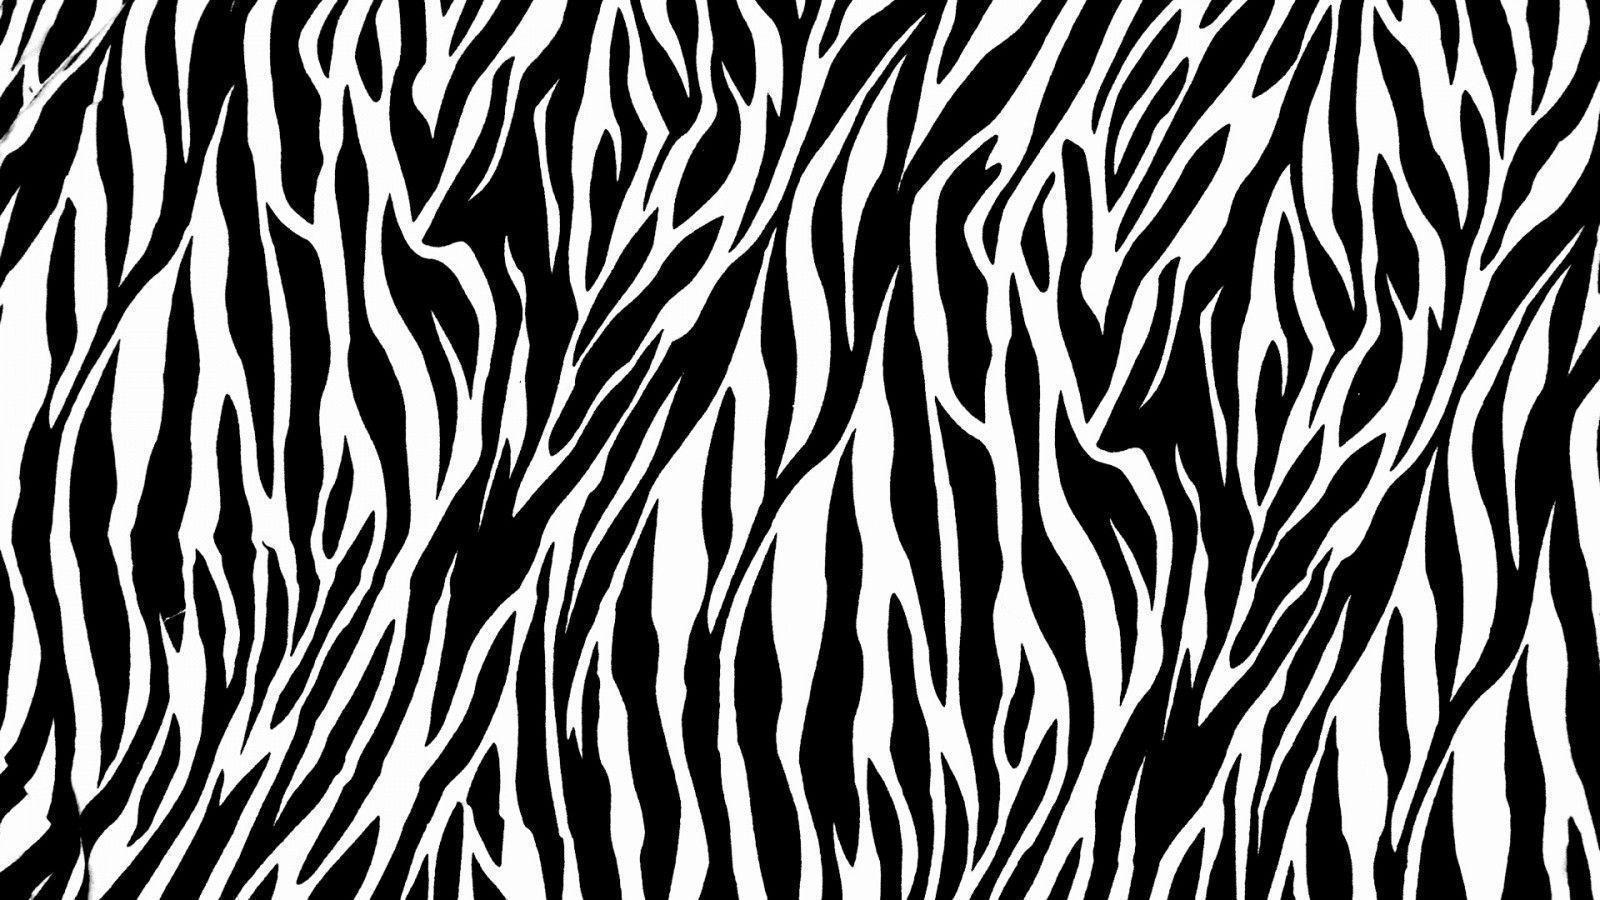 zebra desktop wallpapers wallpaper cave. Black Bedroom Furniture Sets. Home Design Ideas